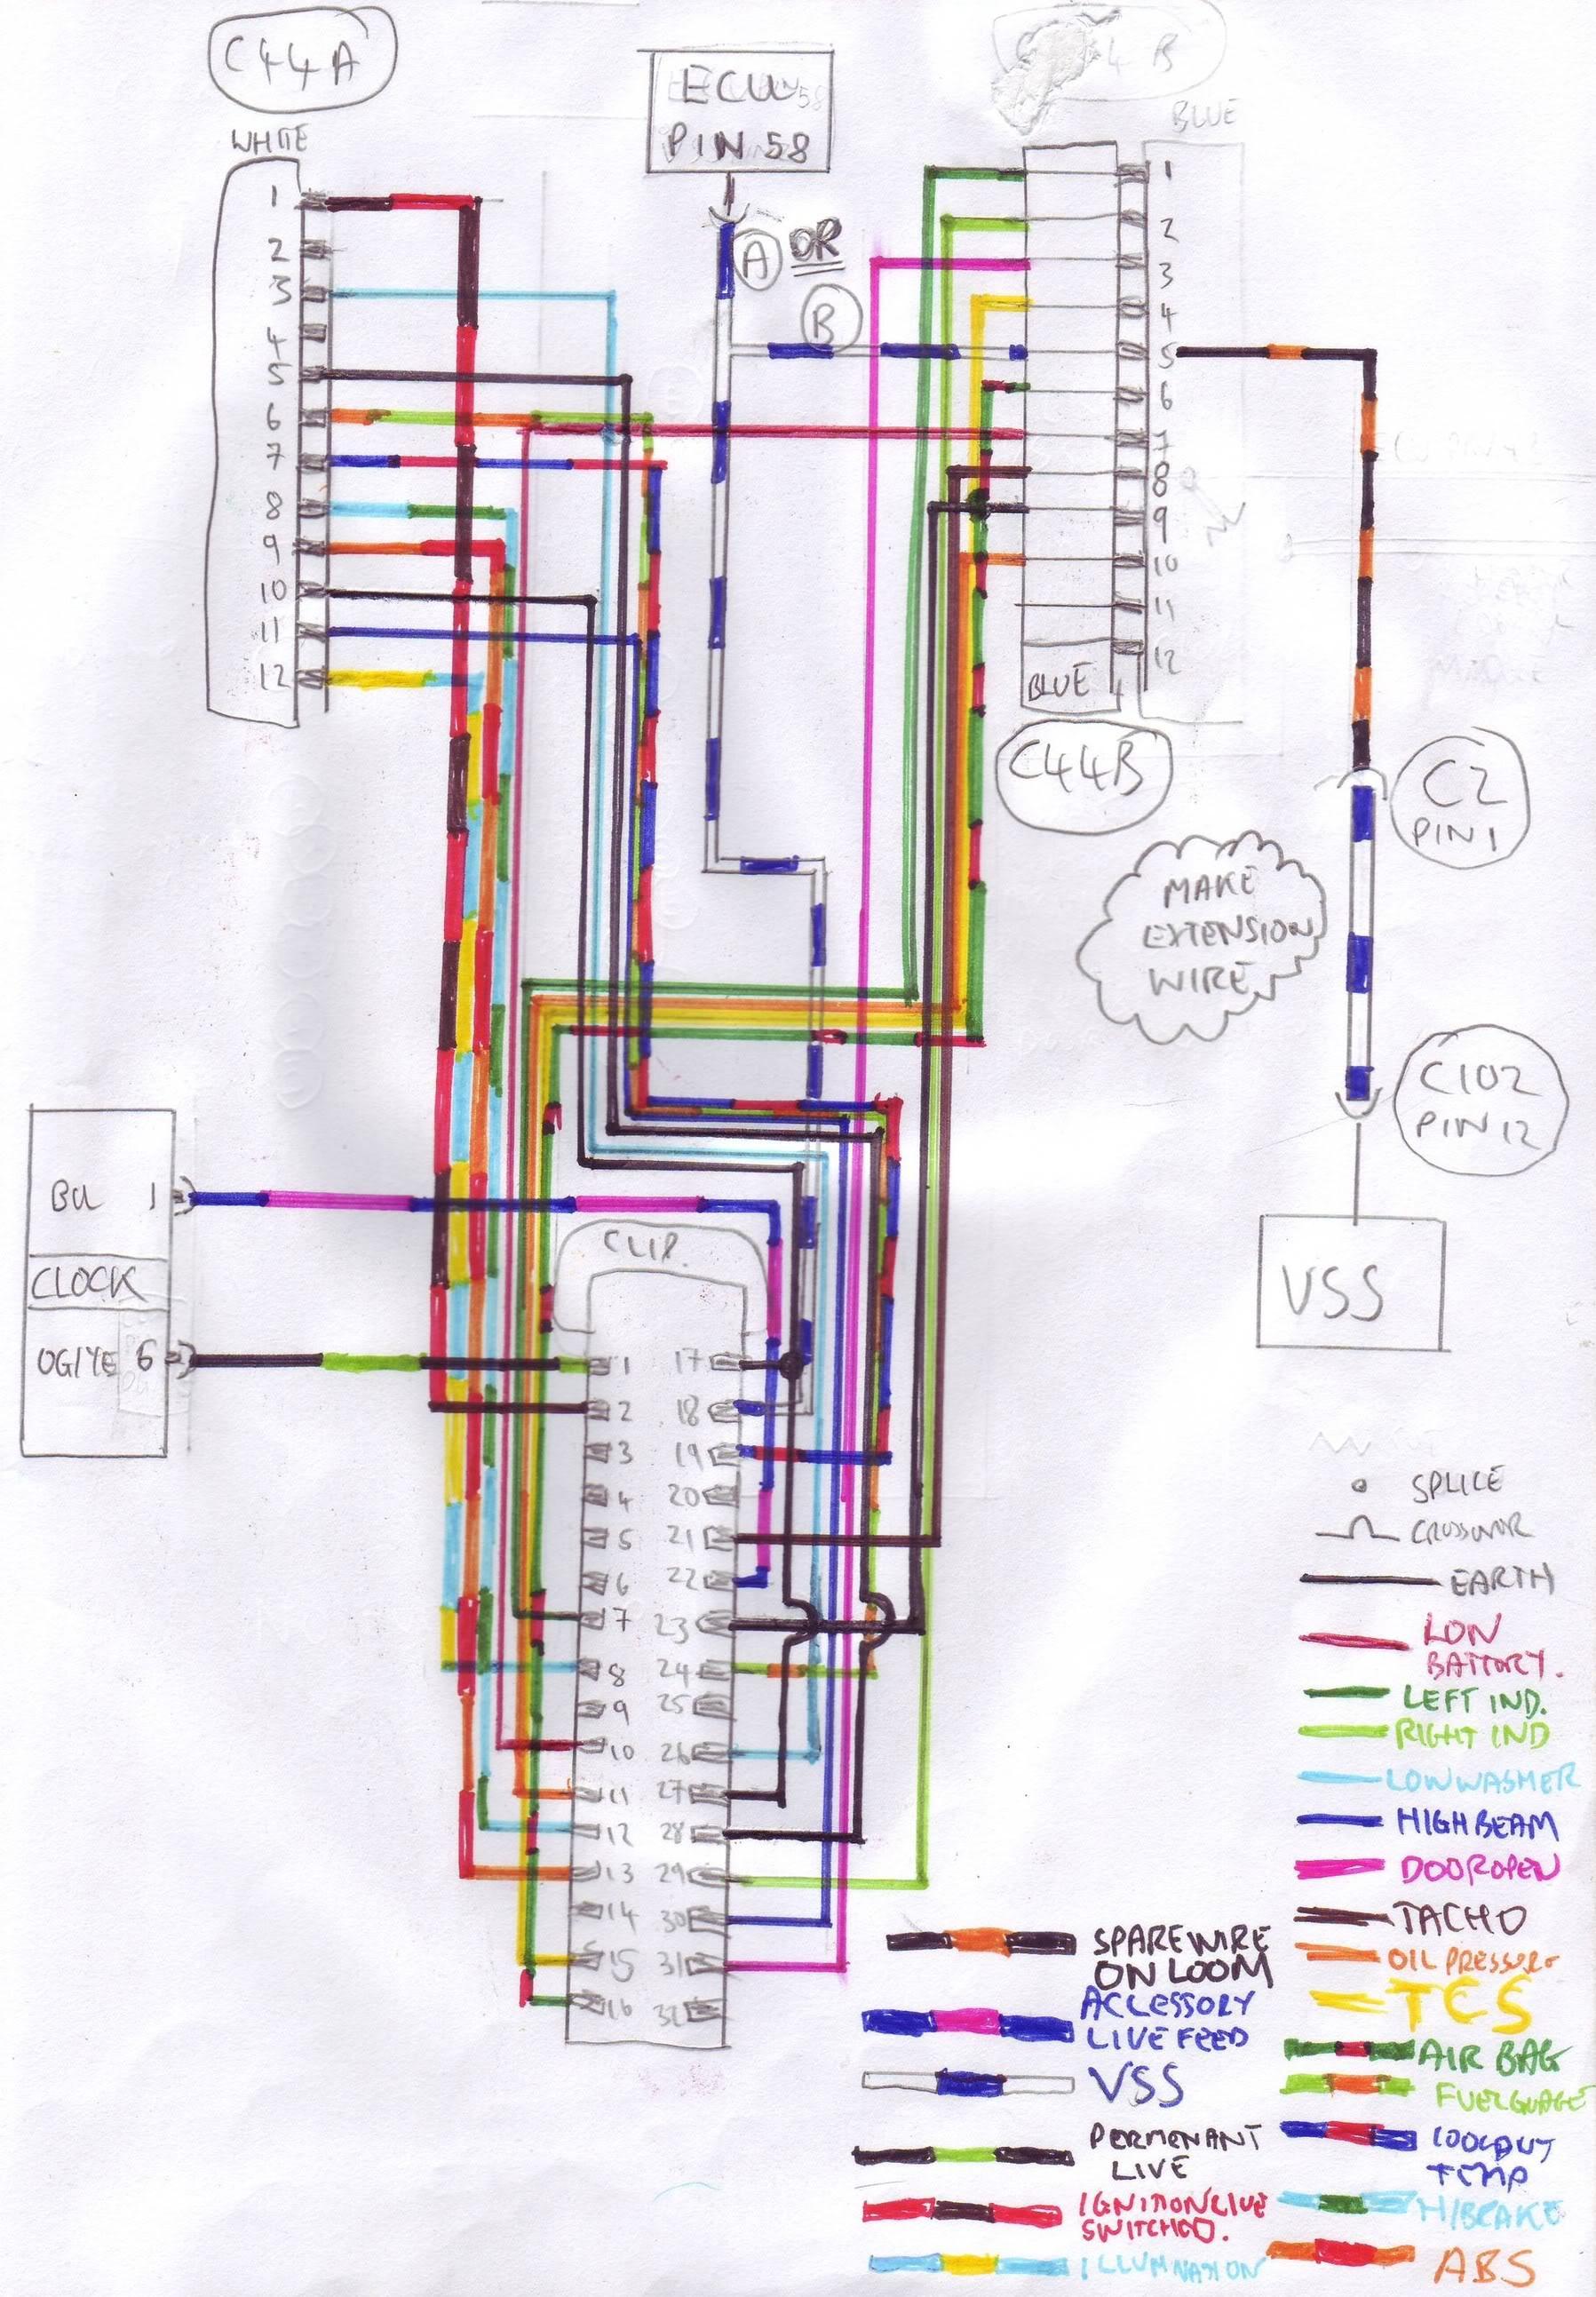 161061d1502131792 puma cosworth restoration bodge job fix digidashtoanalogloom?resize\\\=665%2C957\\\&ssl\\\=1 mk4 jetta stereo wiring diagram gandul 45 77 79 119  at suagrazia.org